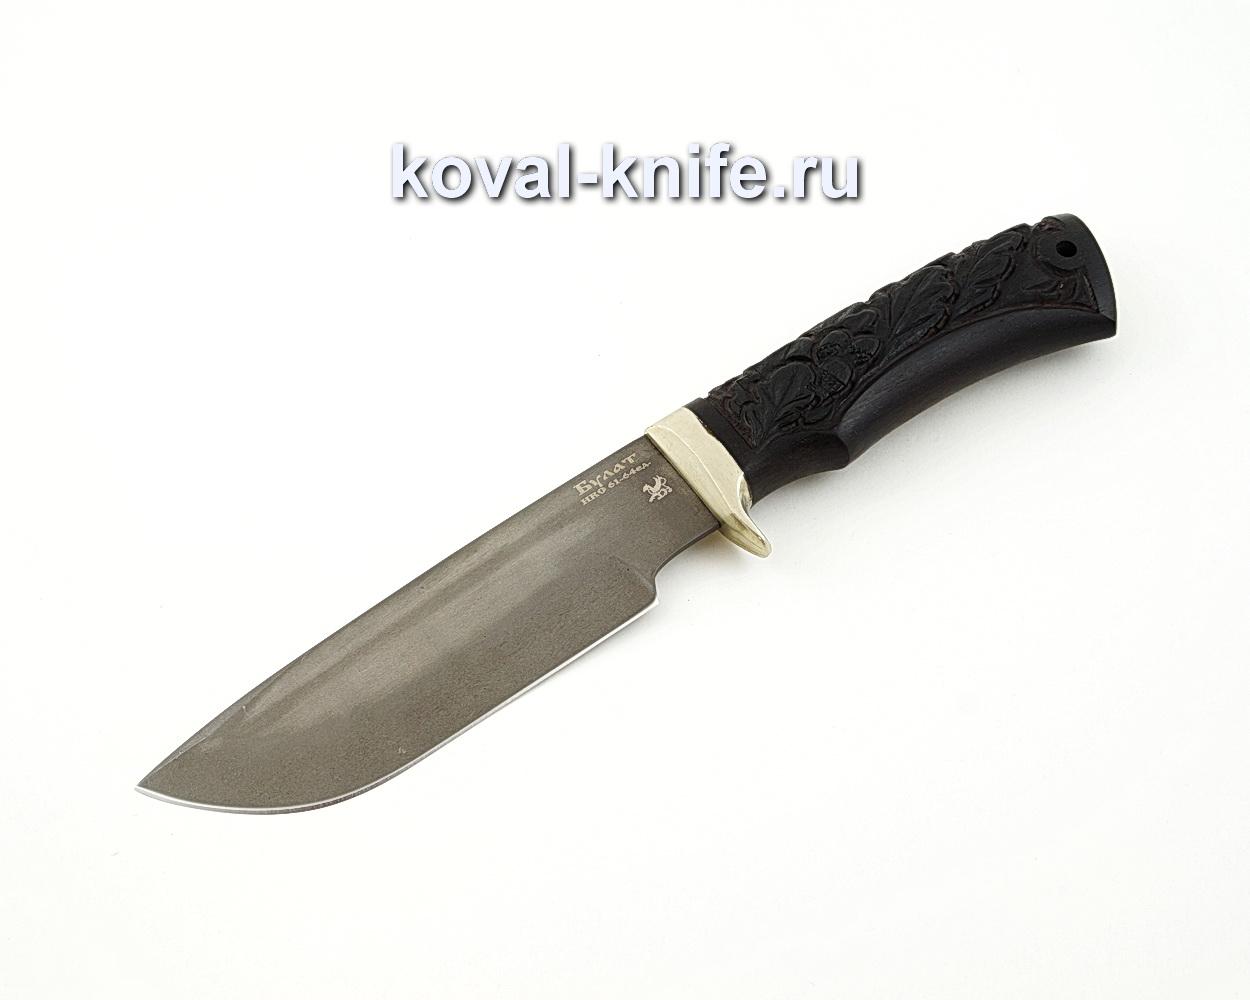 Нож Барс из булатной стали с резной рукоятью из граба и литьем из мельхиора A581